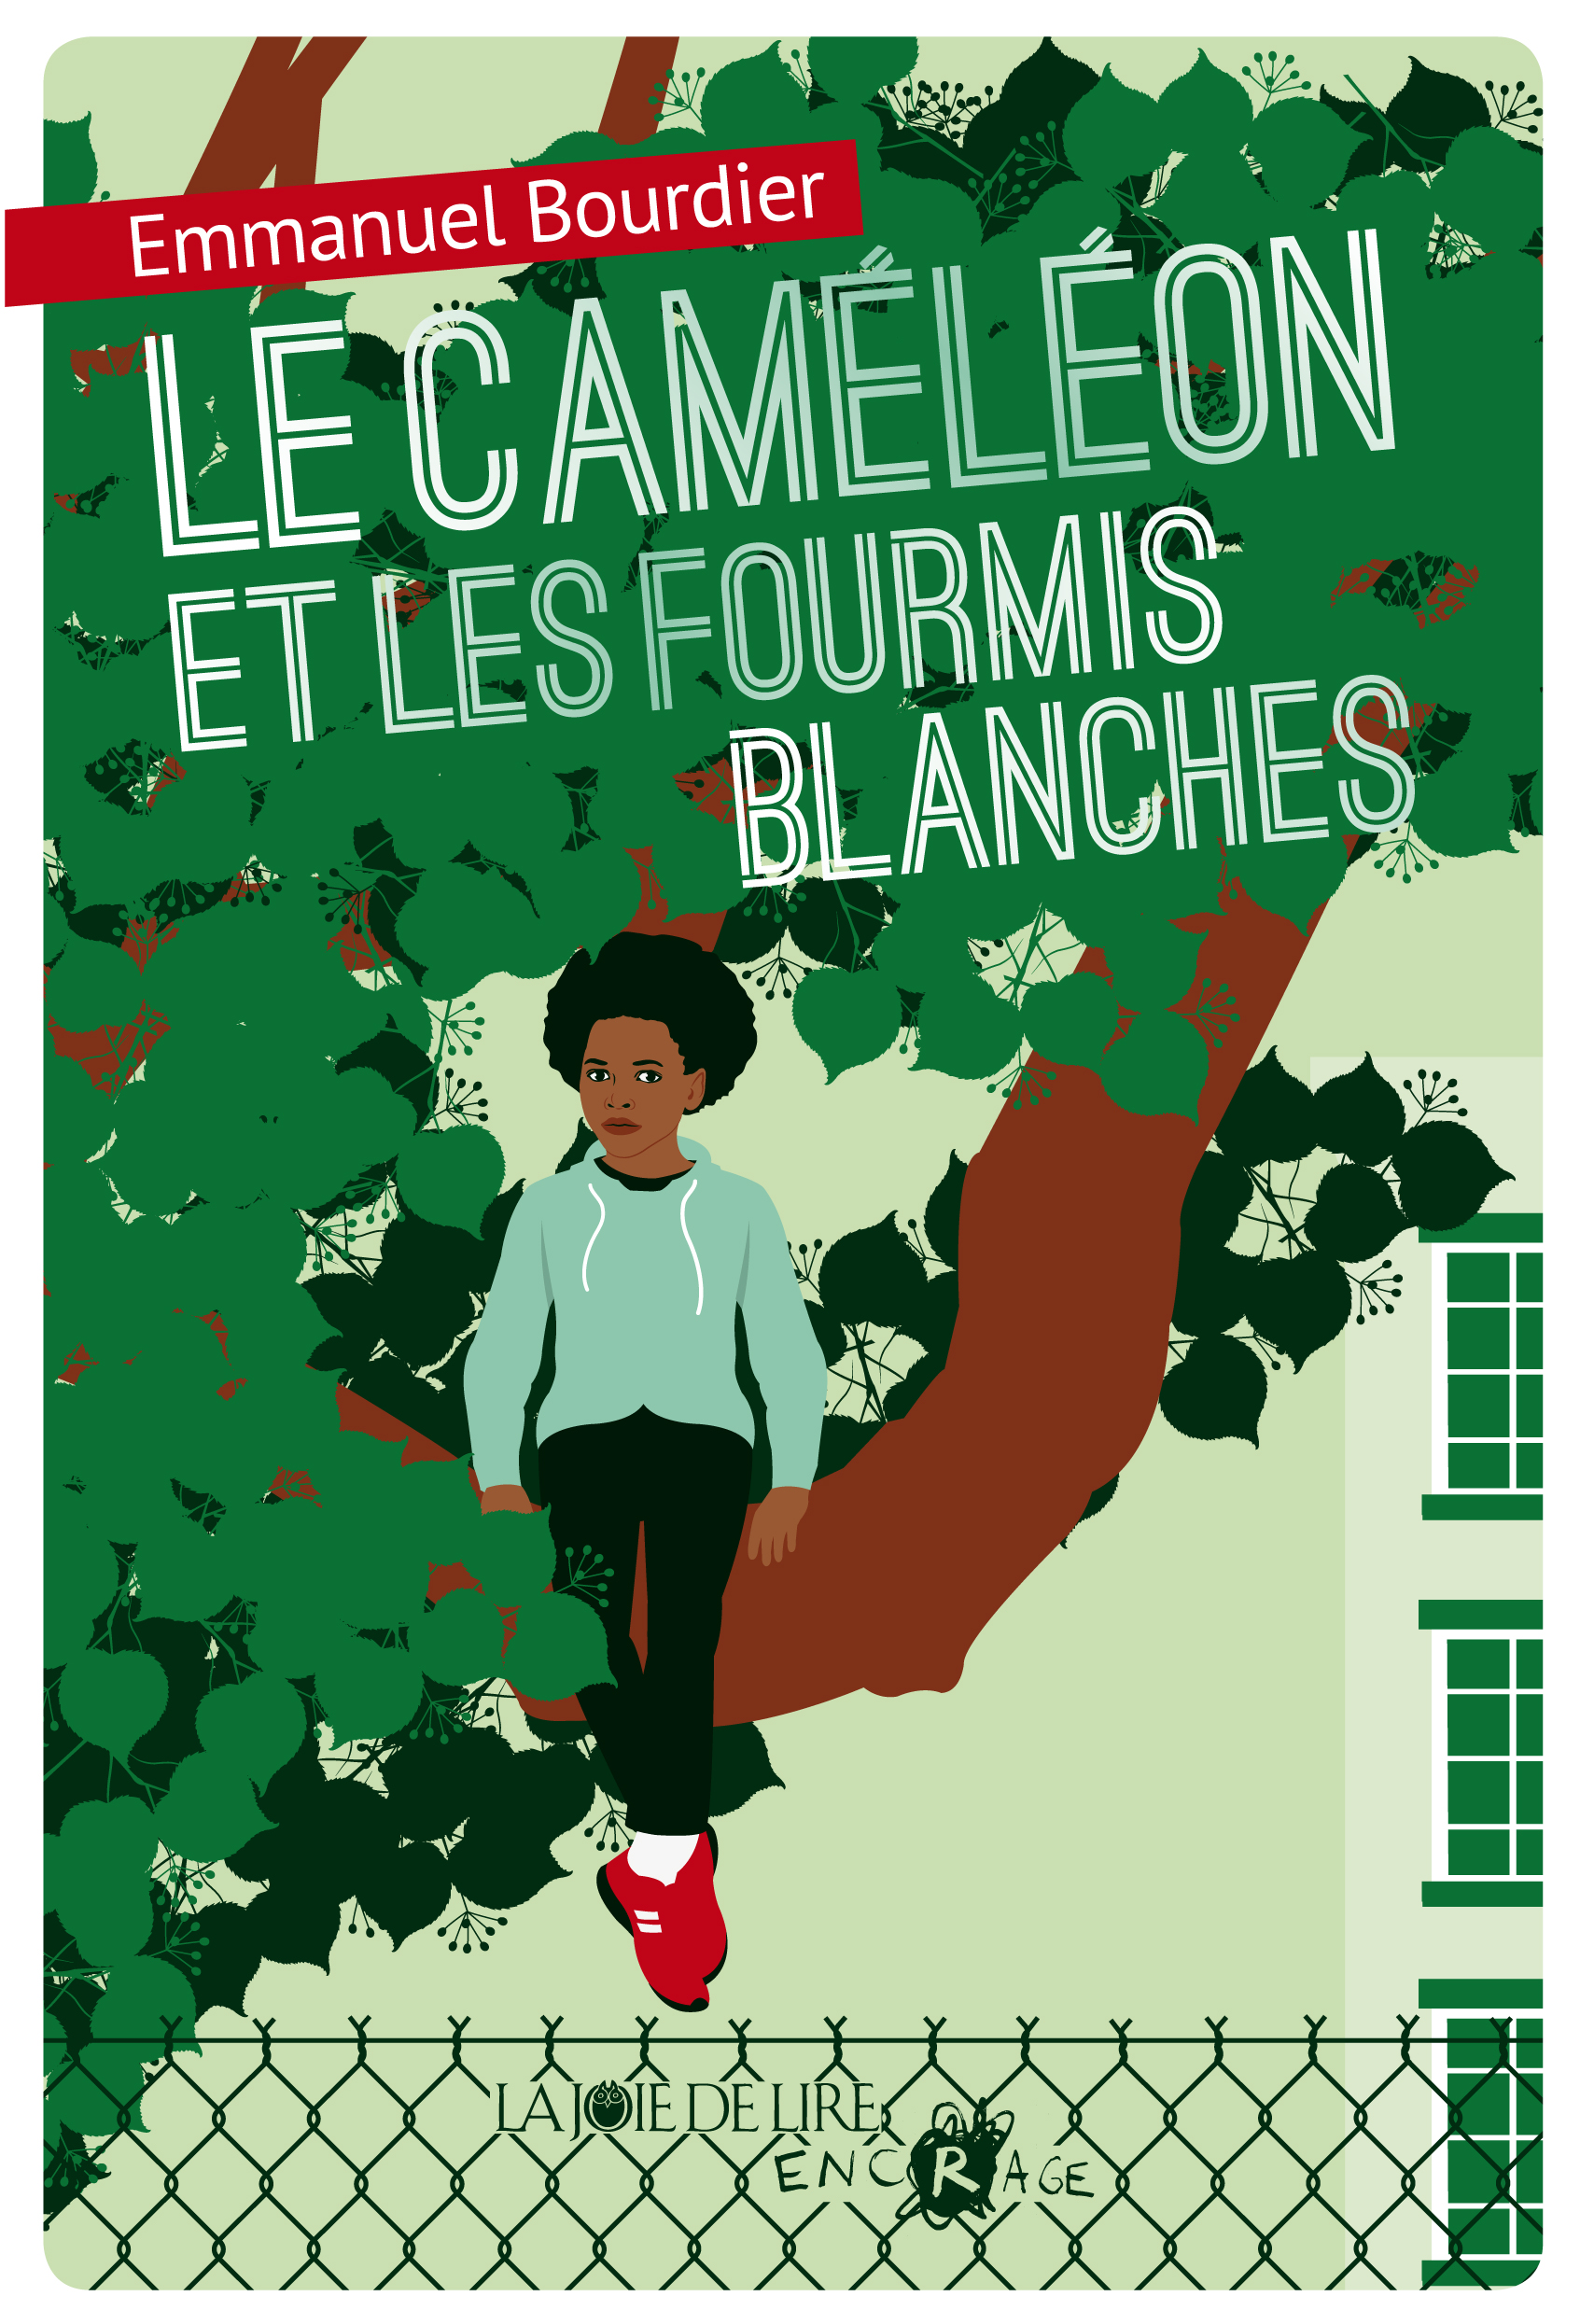 Citations et références au Boss (cinéma, littérature) - Page 3 Cameleon_et_fourmis_blanches_RVB1